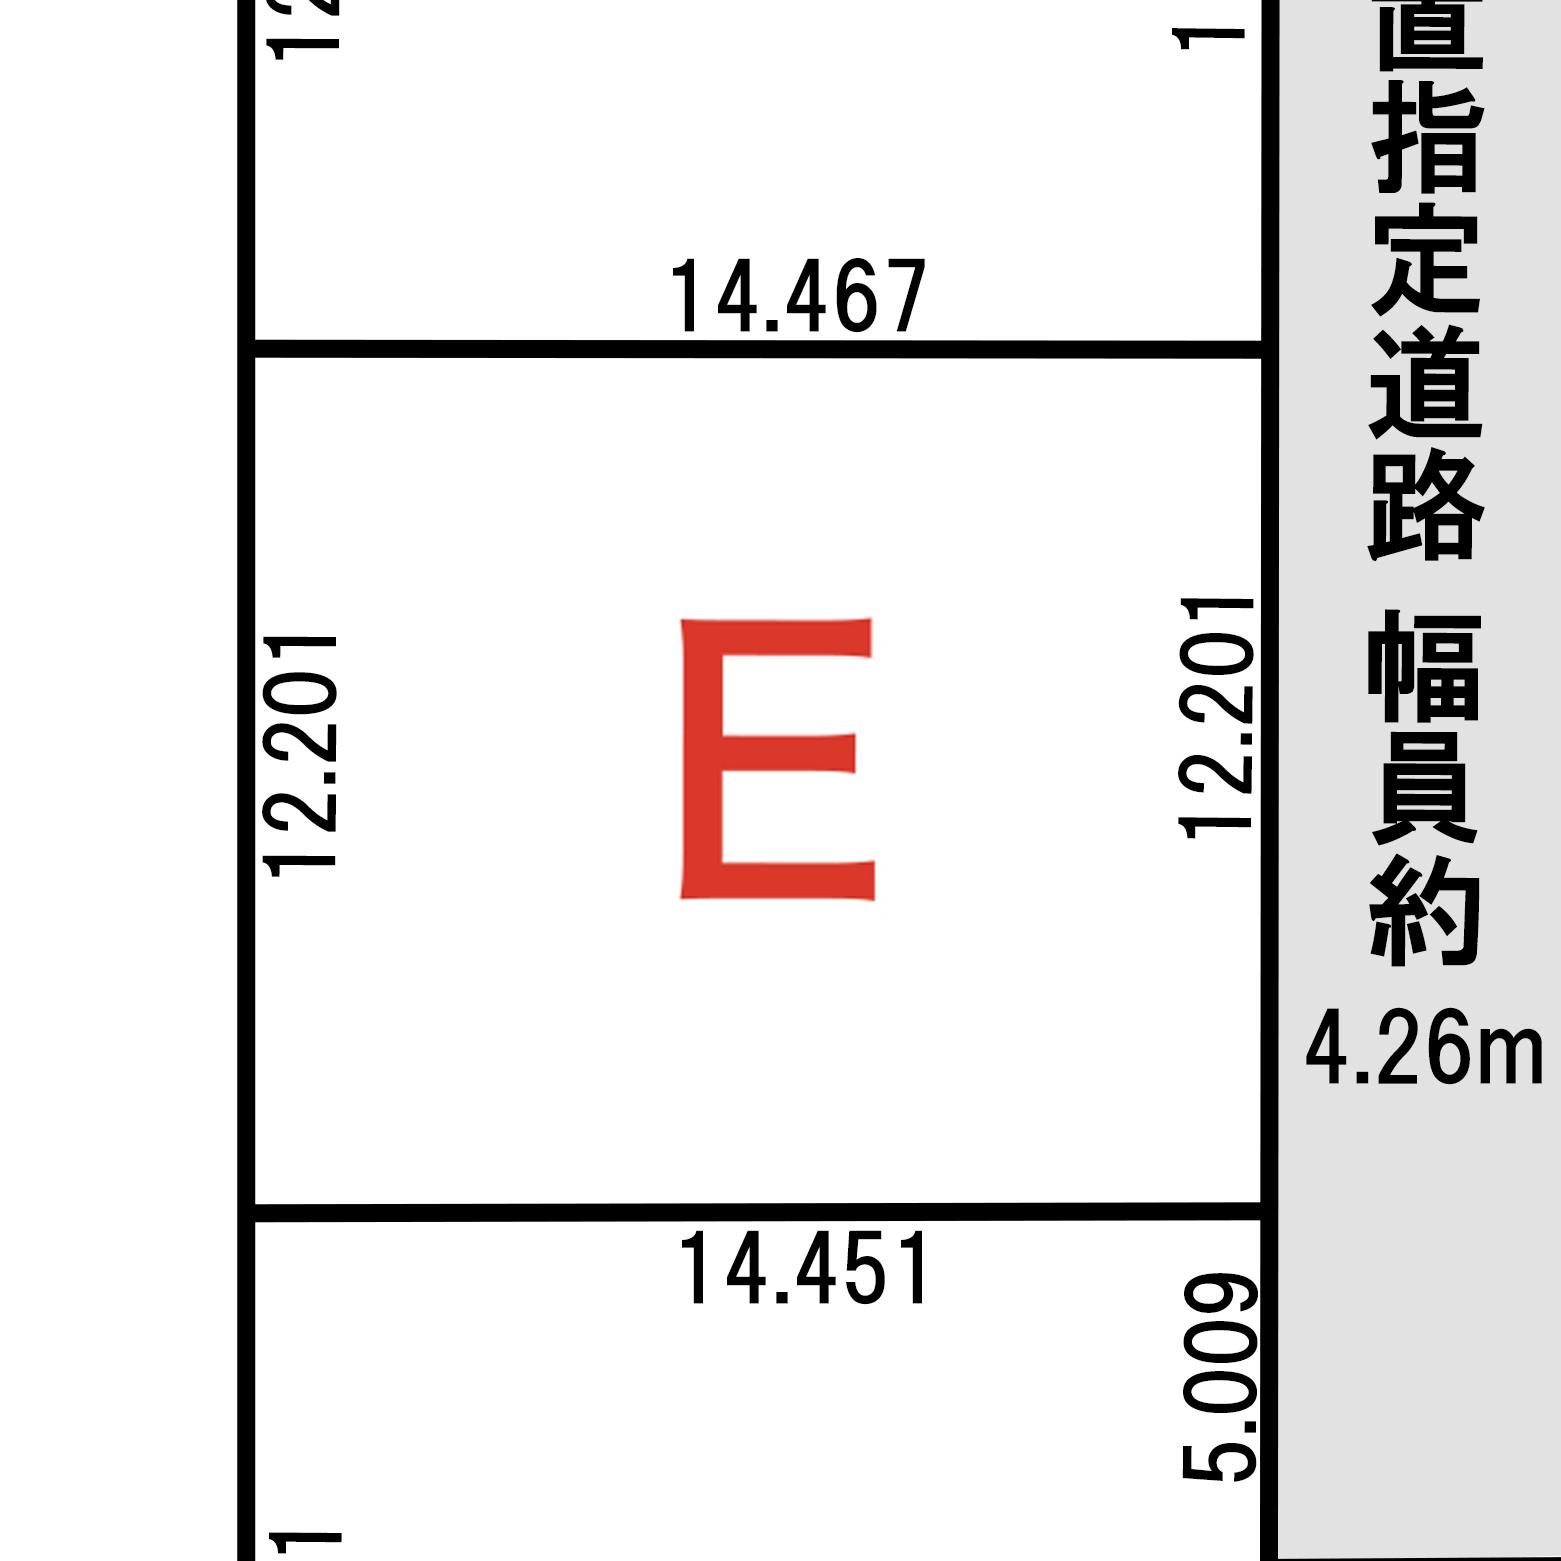 諏訪市中洲神宮寺樋口 E区画_サブ画像02